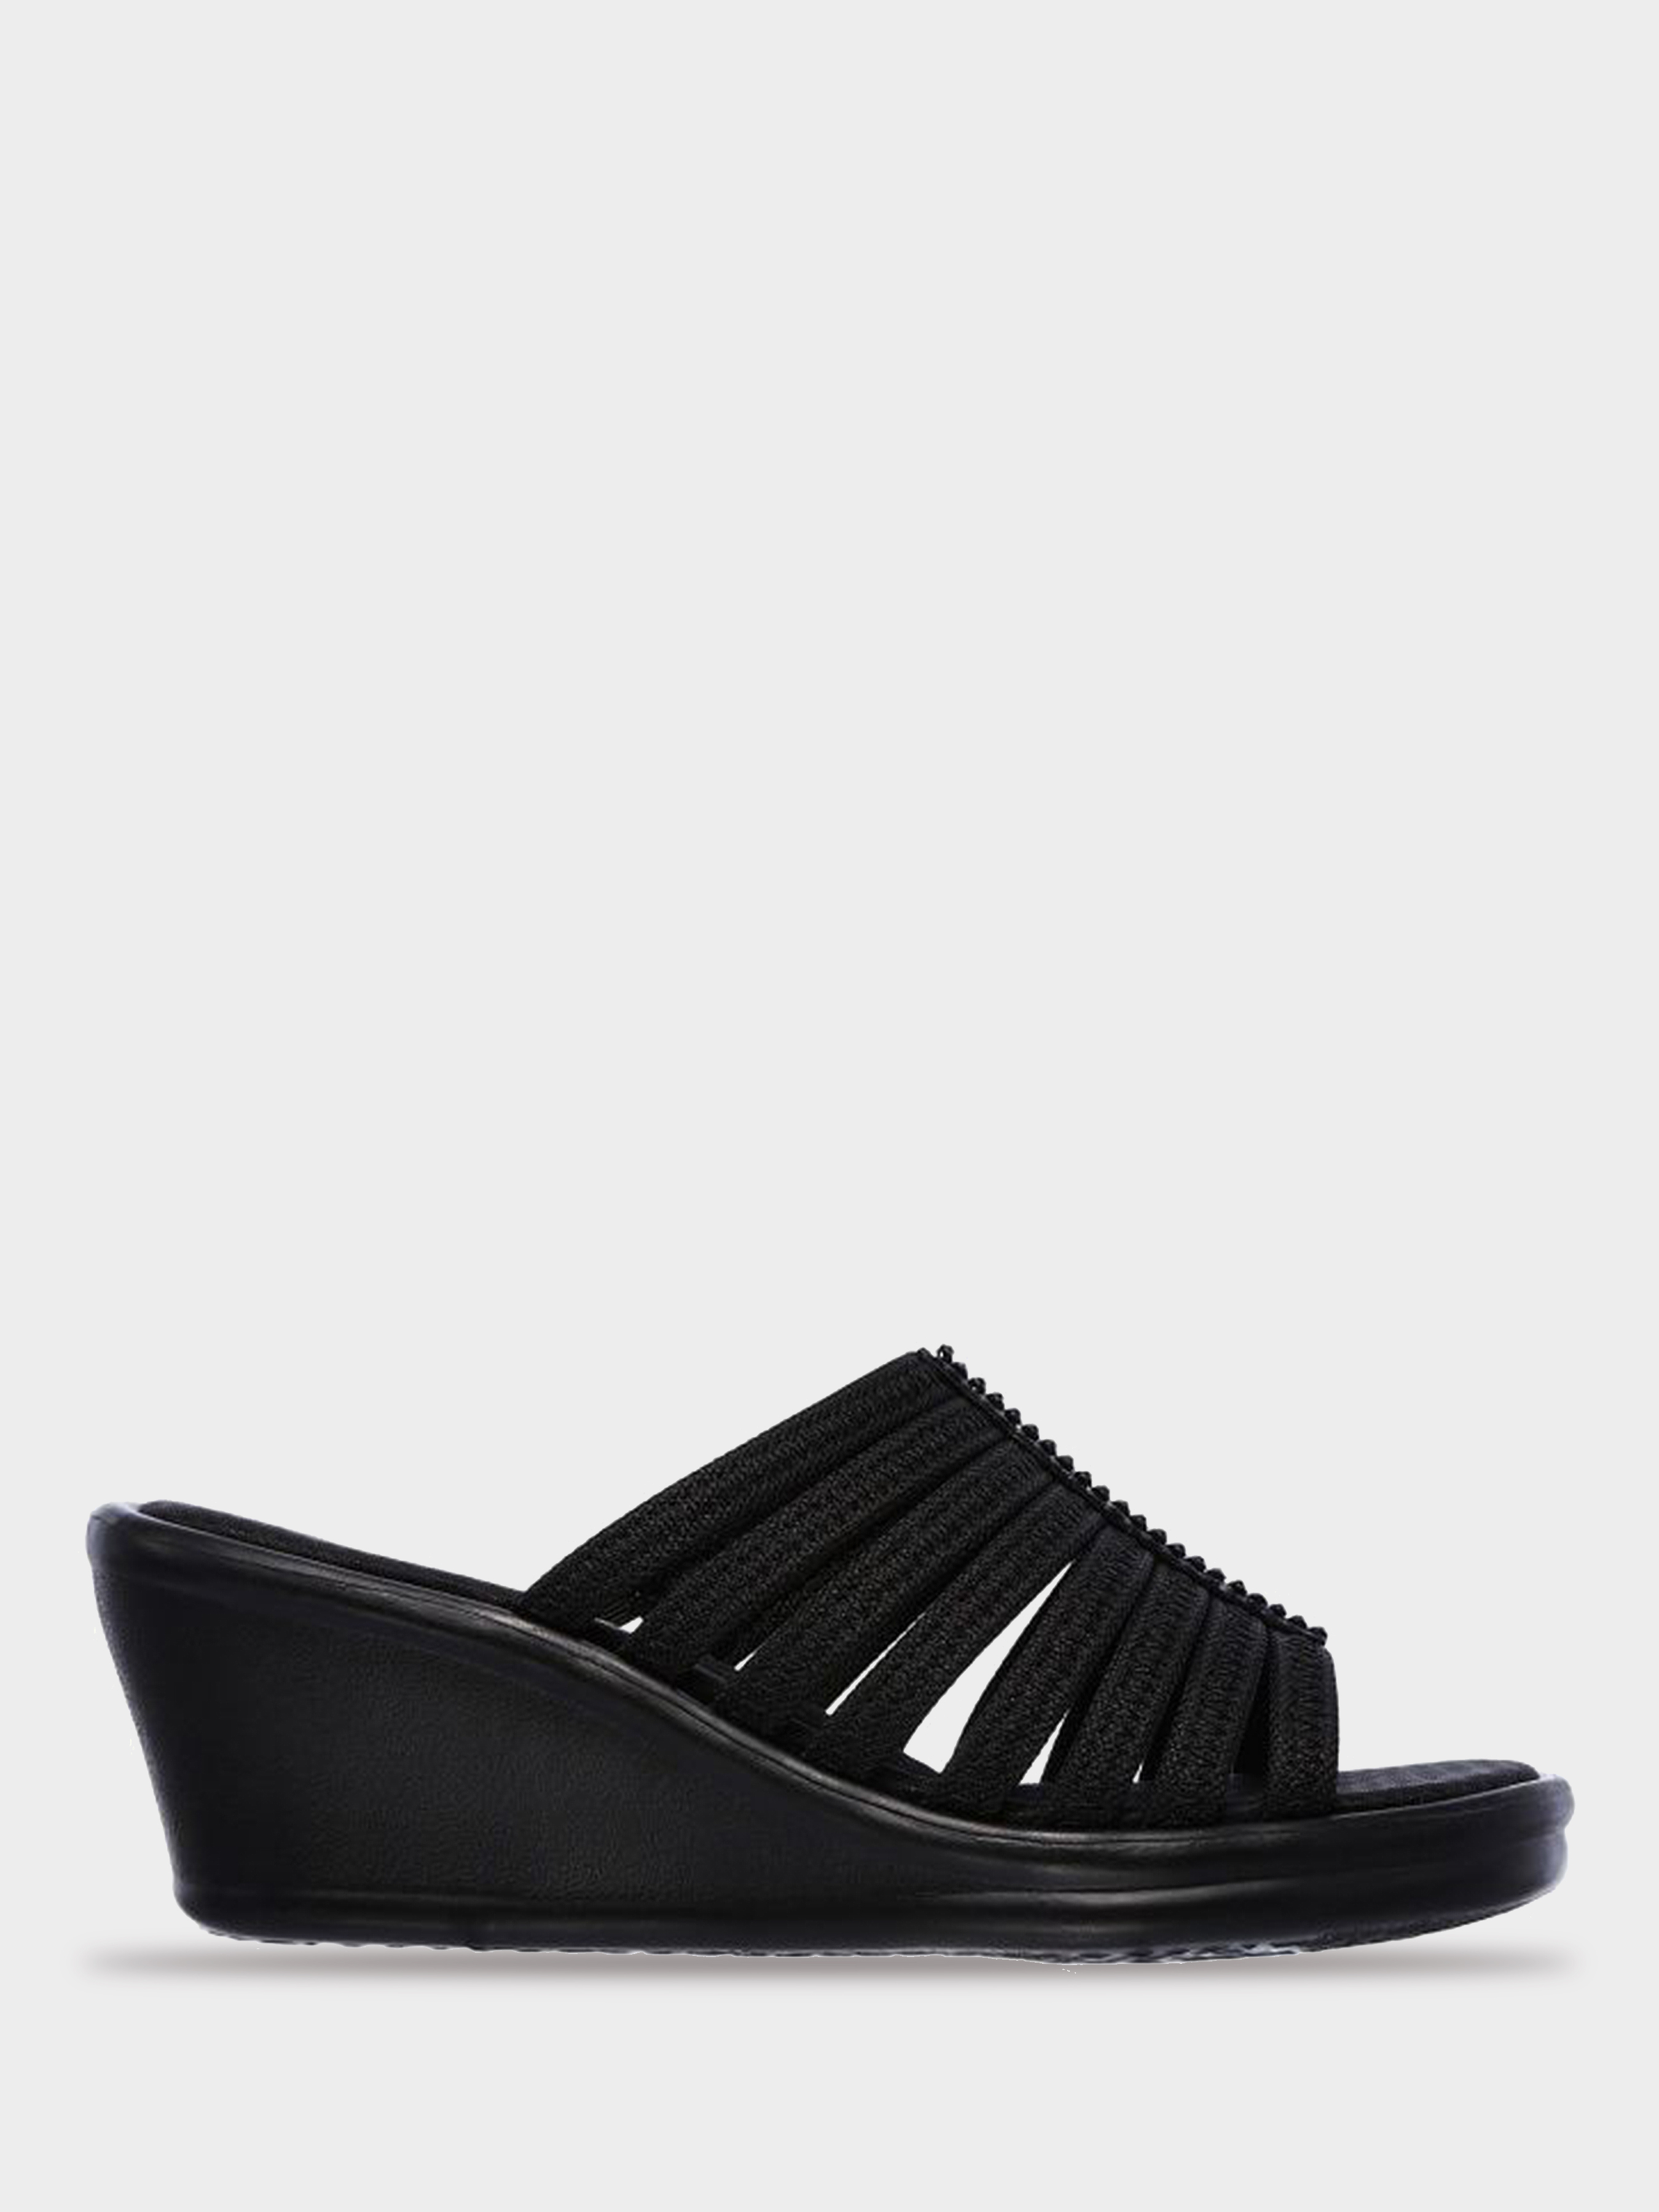 Босоножки женские Skechers CALI KW4412 модная обувь, 2017